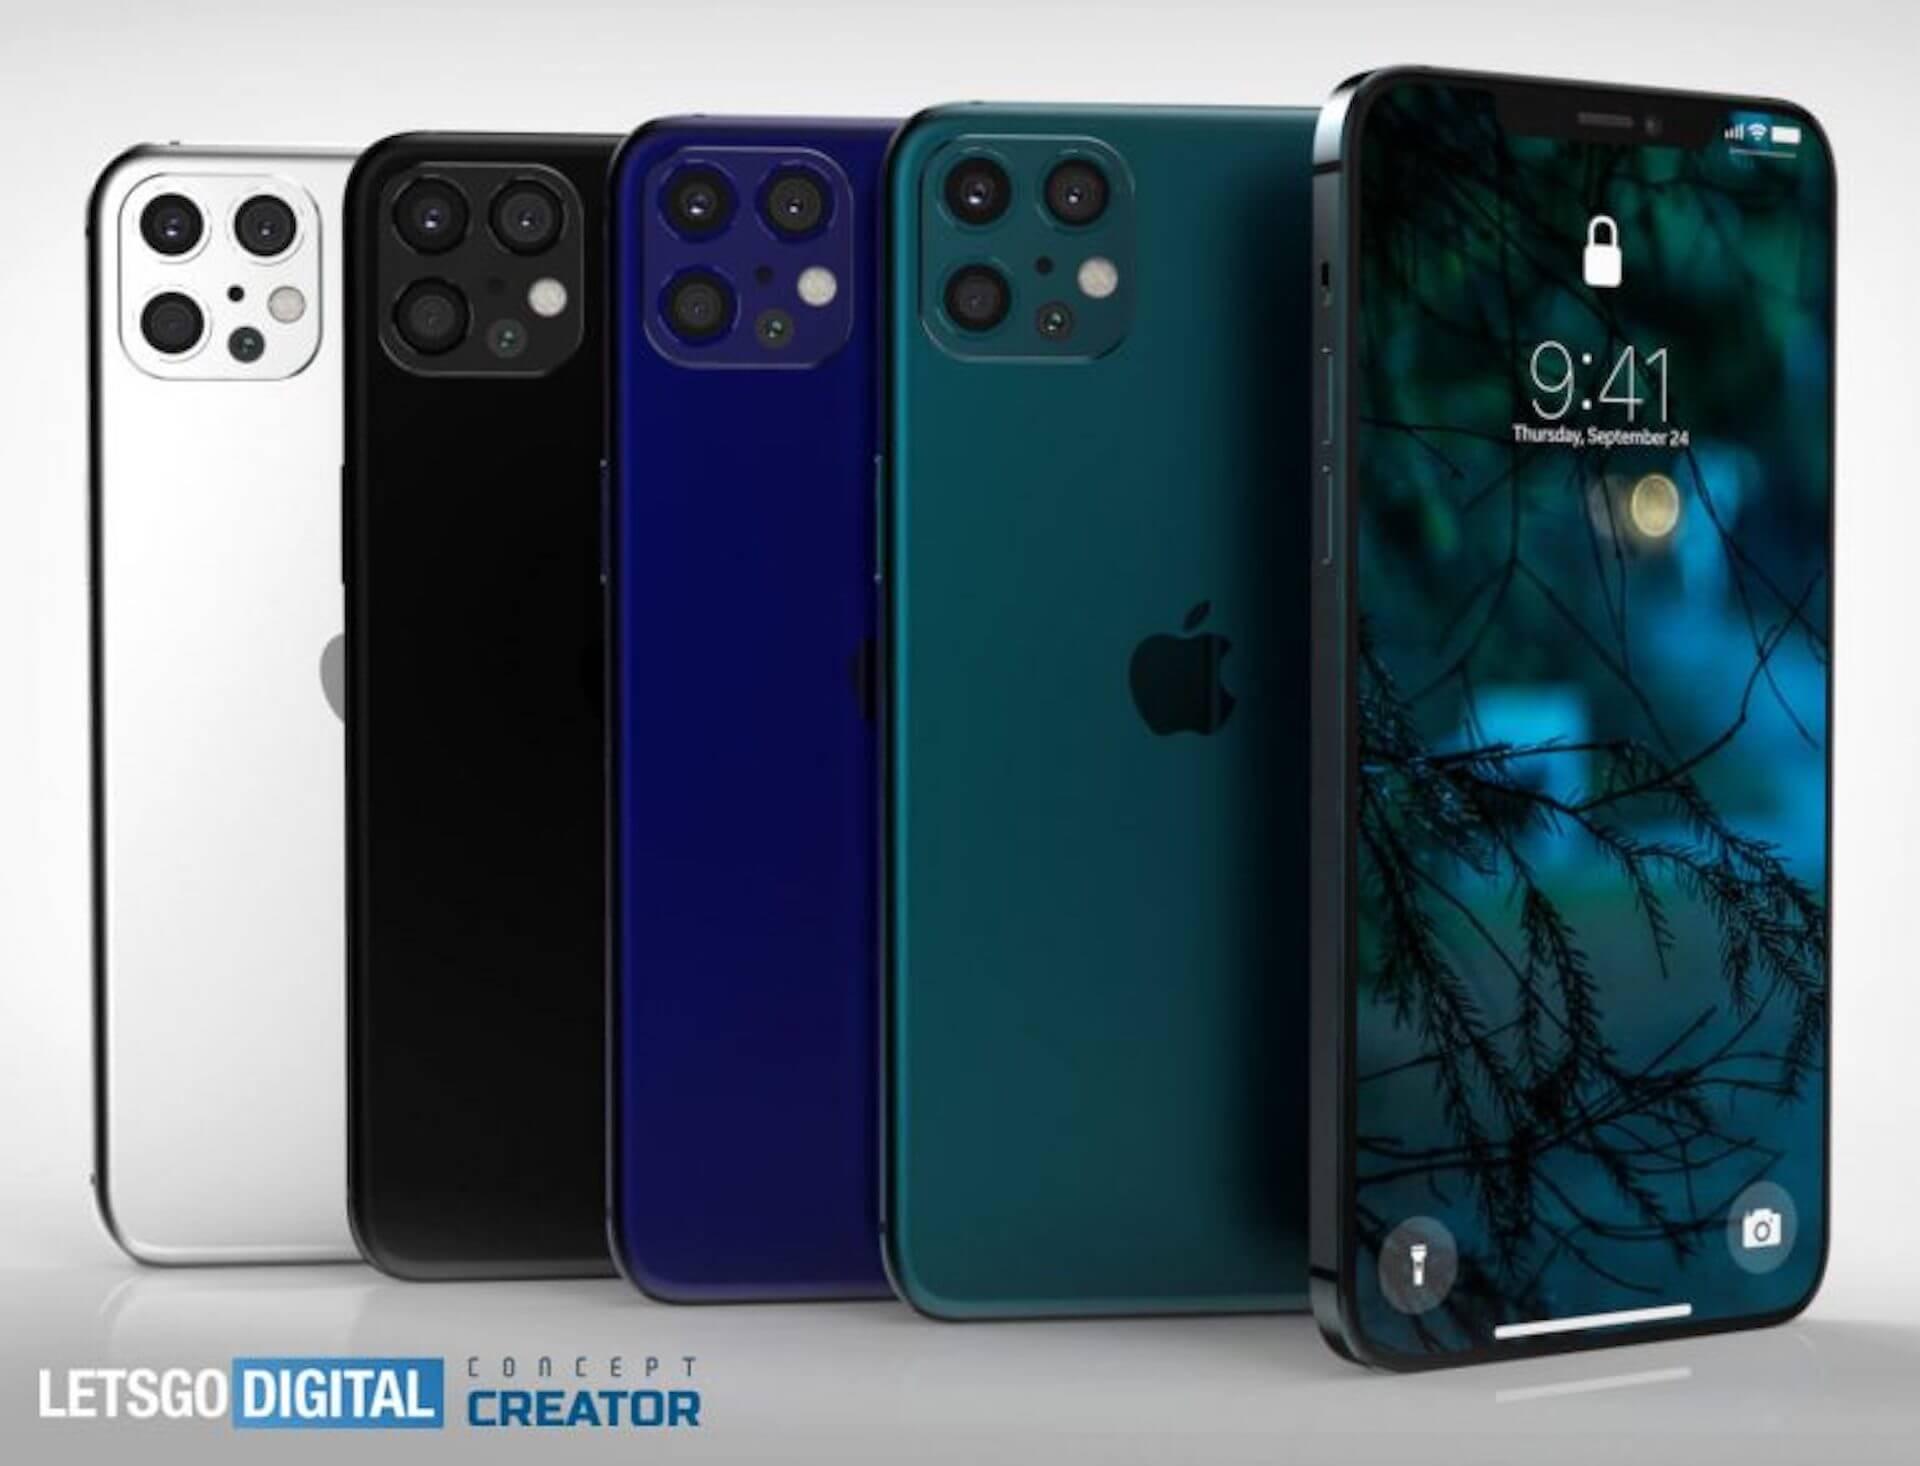 iPhone 12はこんな感じ?新たなレンダリング画像が公開|新色ネイビーブルーも tech200129_iphone12_1